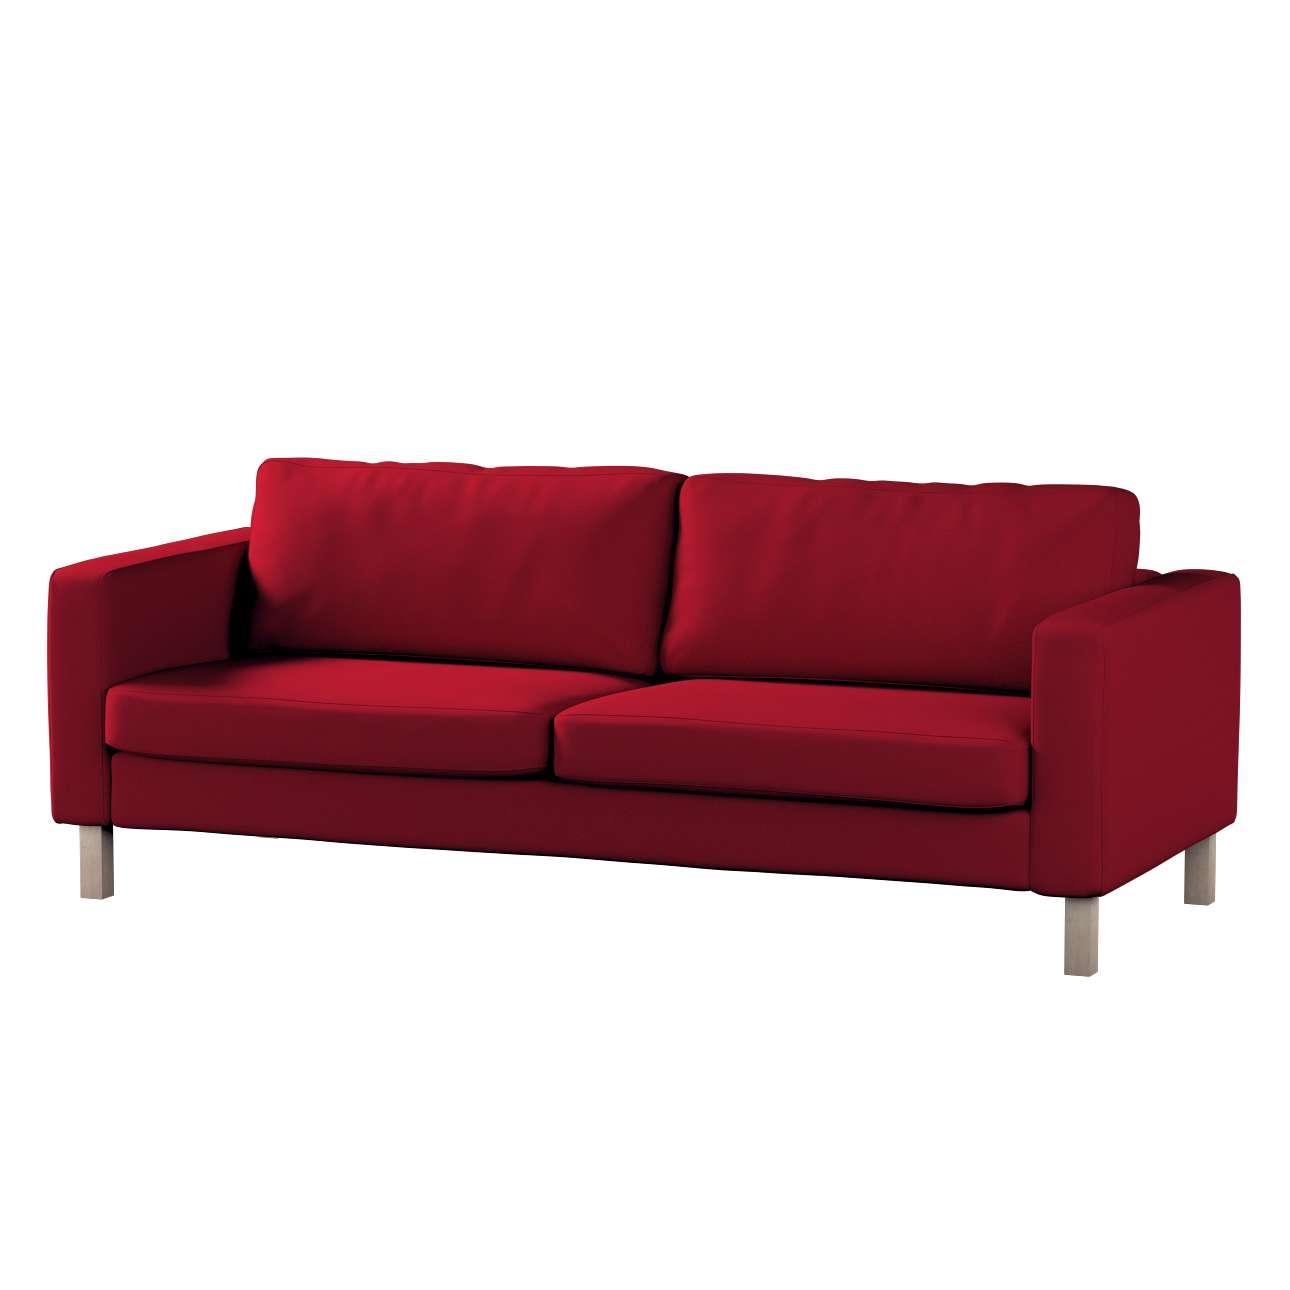 Karlstad sofos-lovos užvalkalas Karlstad trivietės sofos-lovos užvalkalas (išlankstomai sofai) kolekcijoje Etna , audinys: 705-60